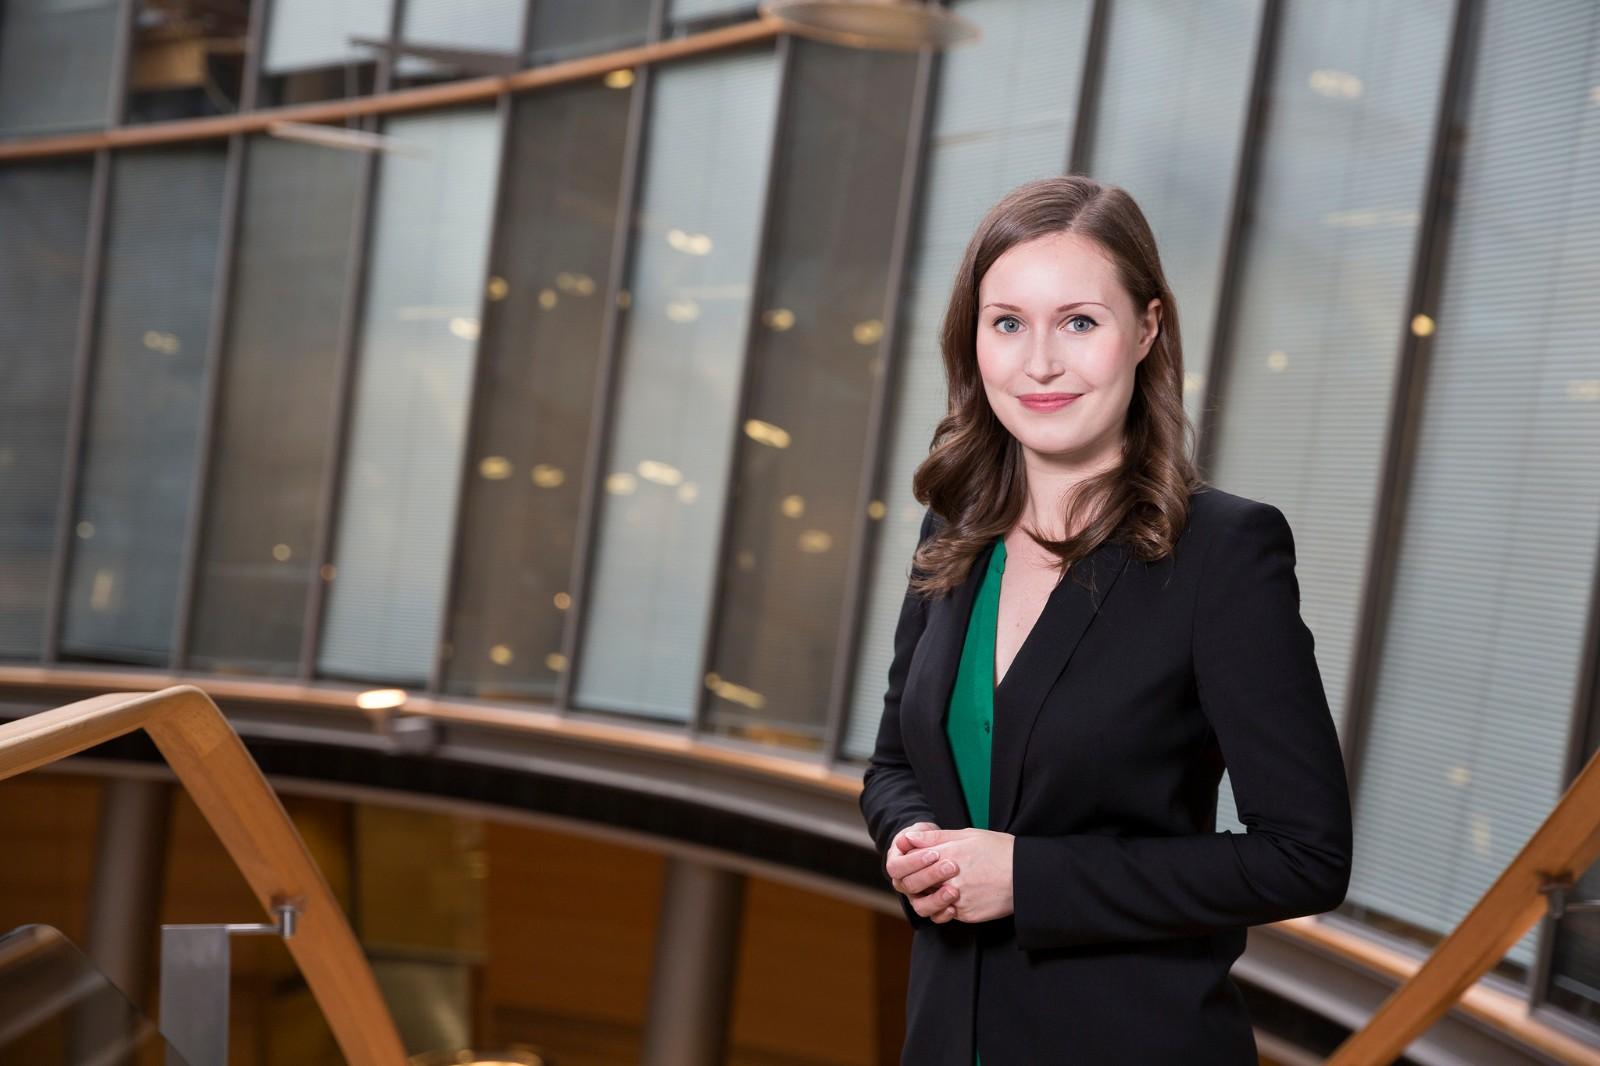 芬兰迎来史上最年轻女总理,娘子军攻占北欧政坛